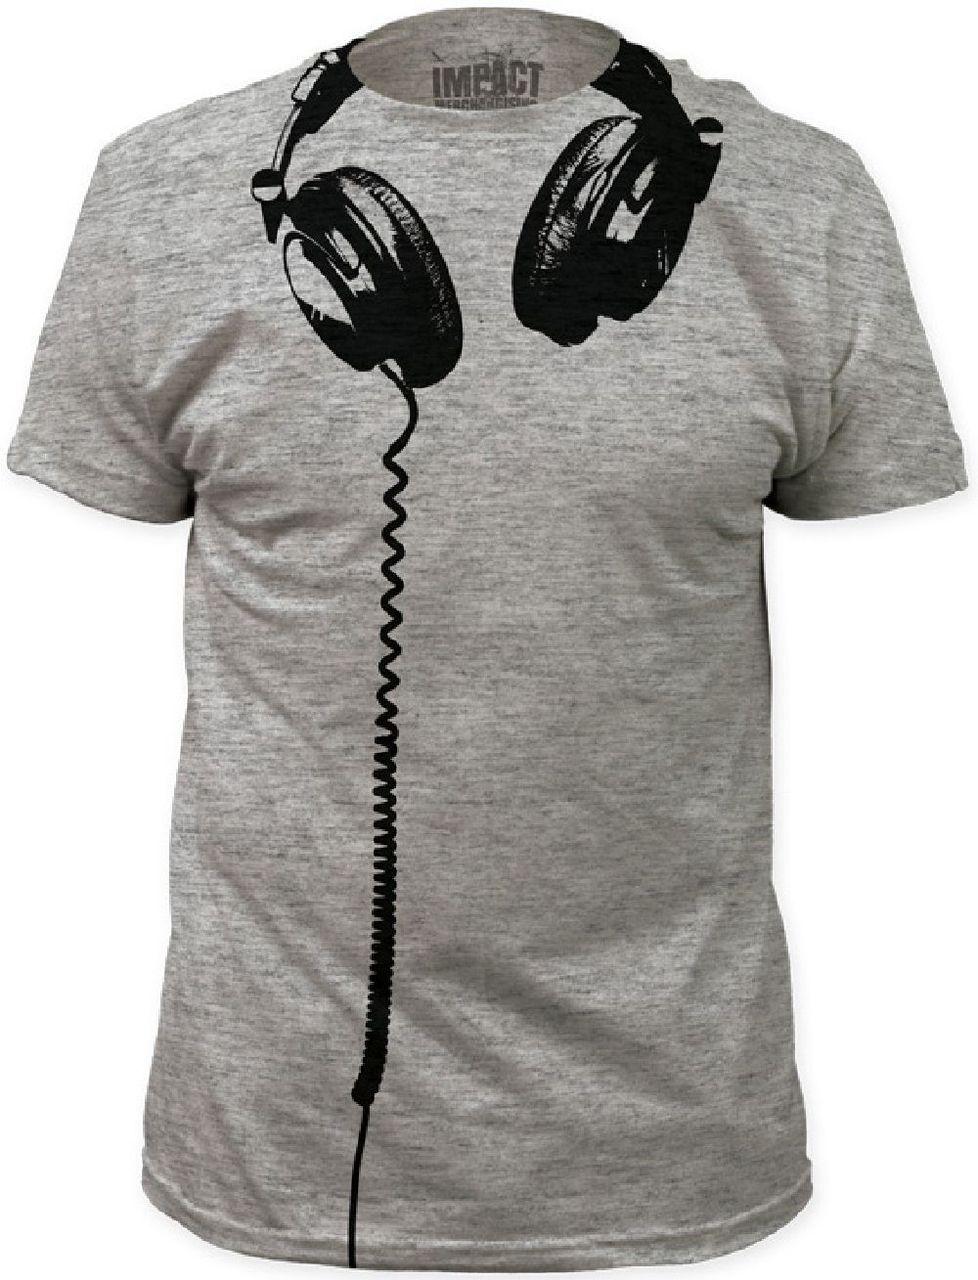 Shirt design pinterest - Hanging Headphones Drawing Men S Gray T Shirt Rocker Rags